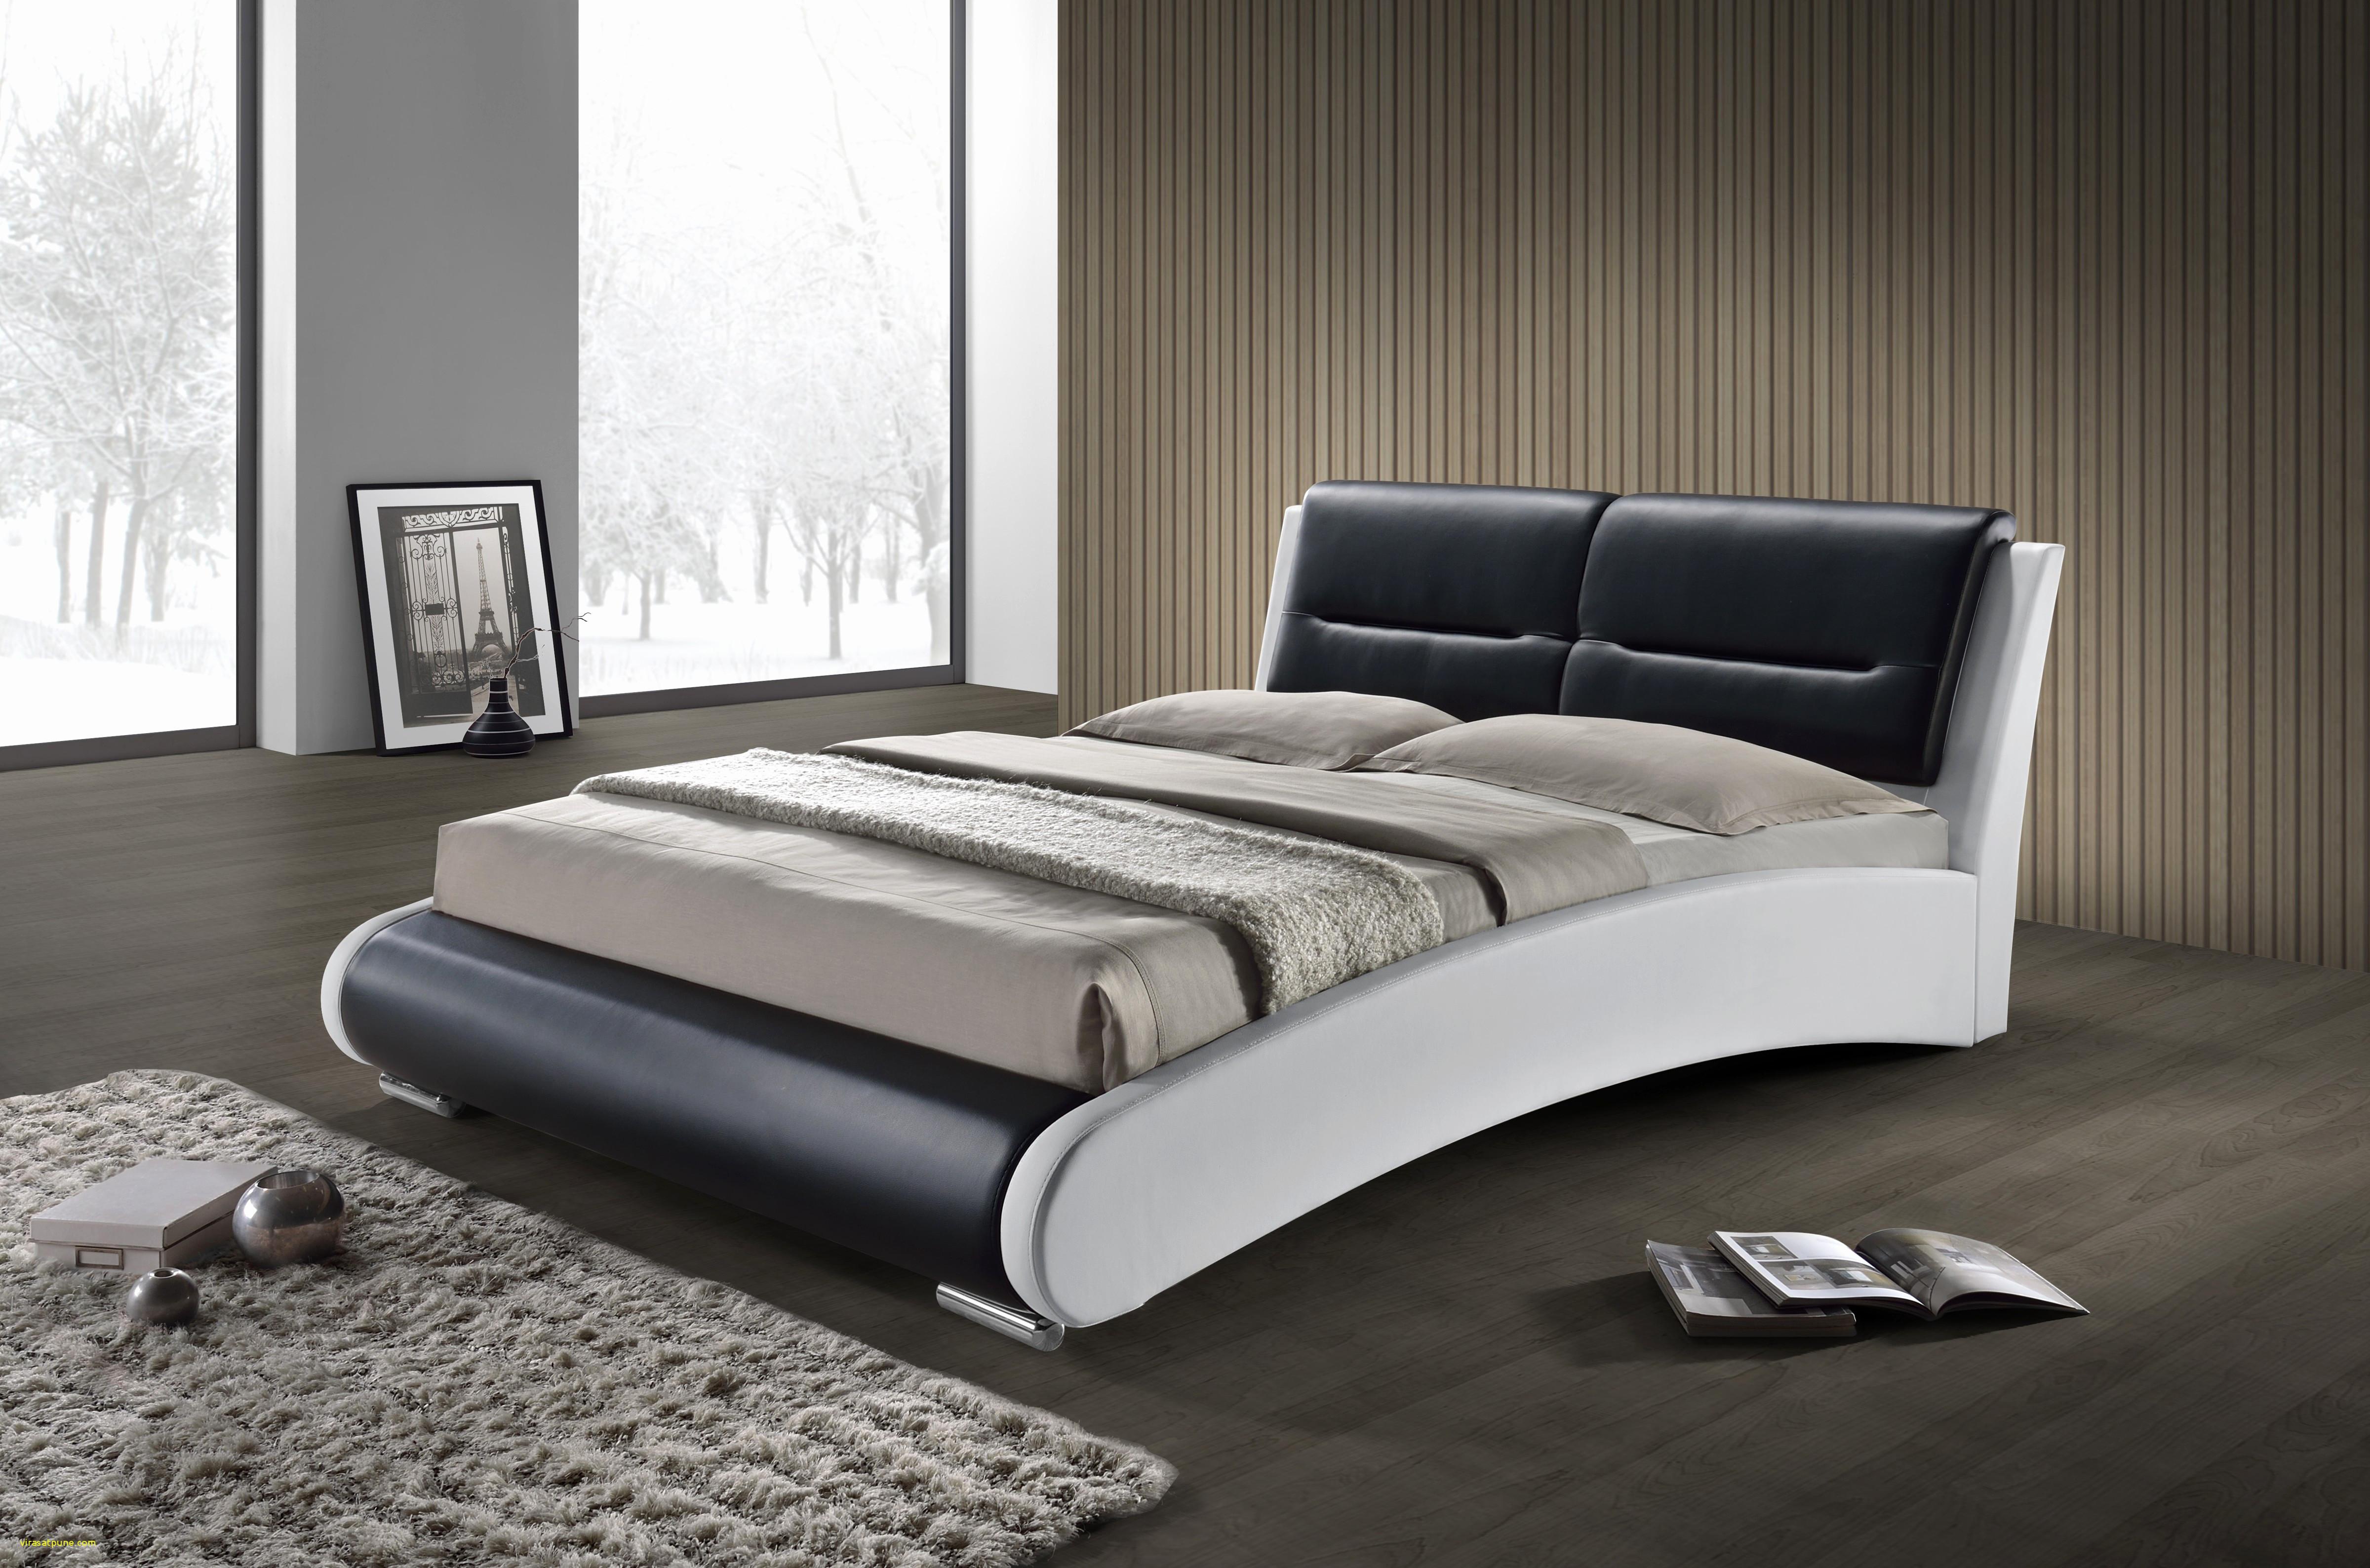 Canapé Convertible soflit Beau Stock Résultat Supérieur 60 Impressionnant Canapé Cuir Design Galerie 2017